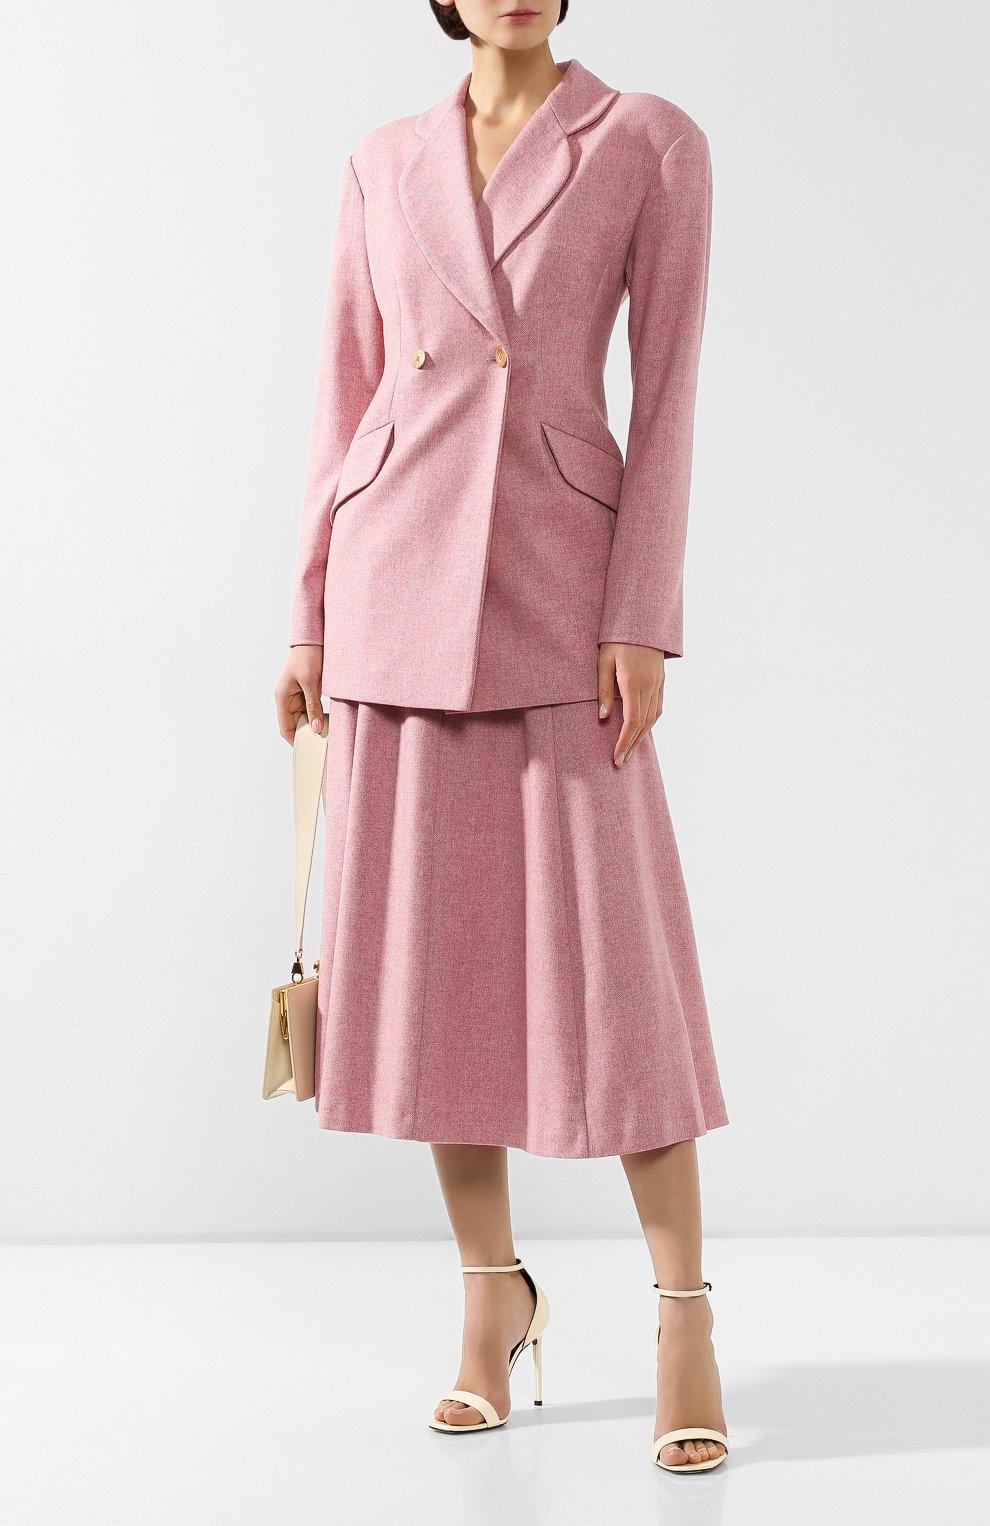 Женская шерстяная юбка ULYANA SERGEENKO розового цвета, арт. 0259р18 (GNM001FW19P)   Фото 2